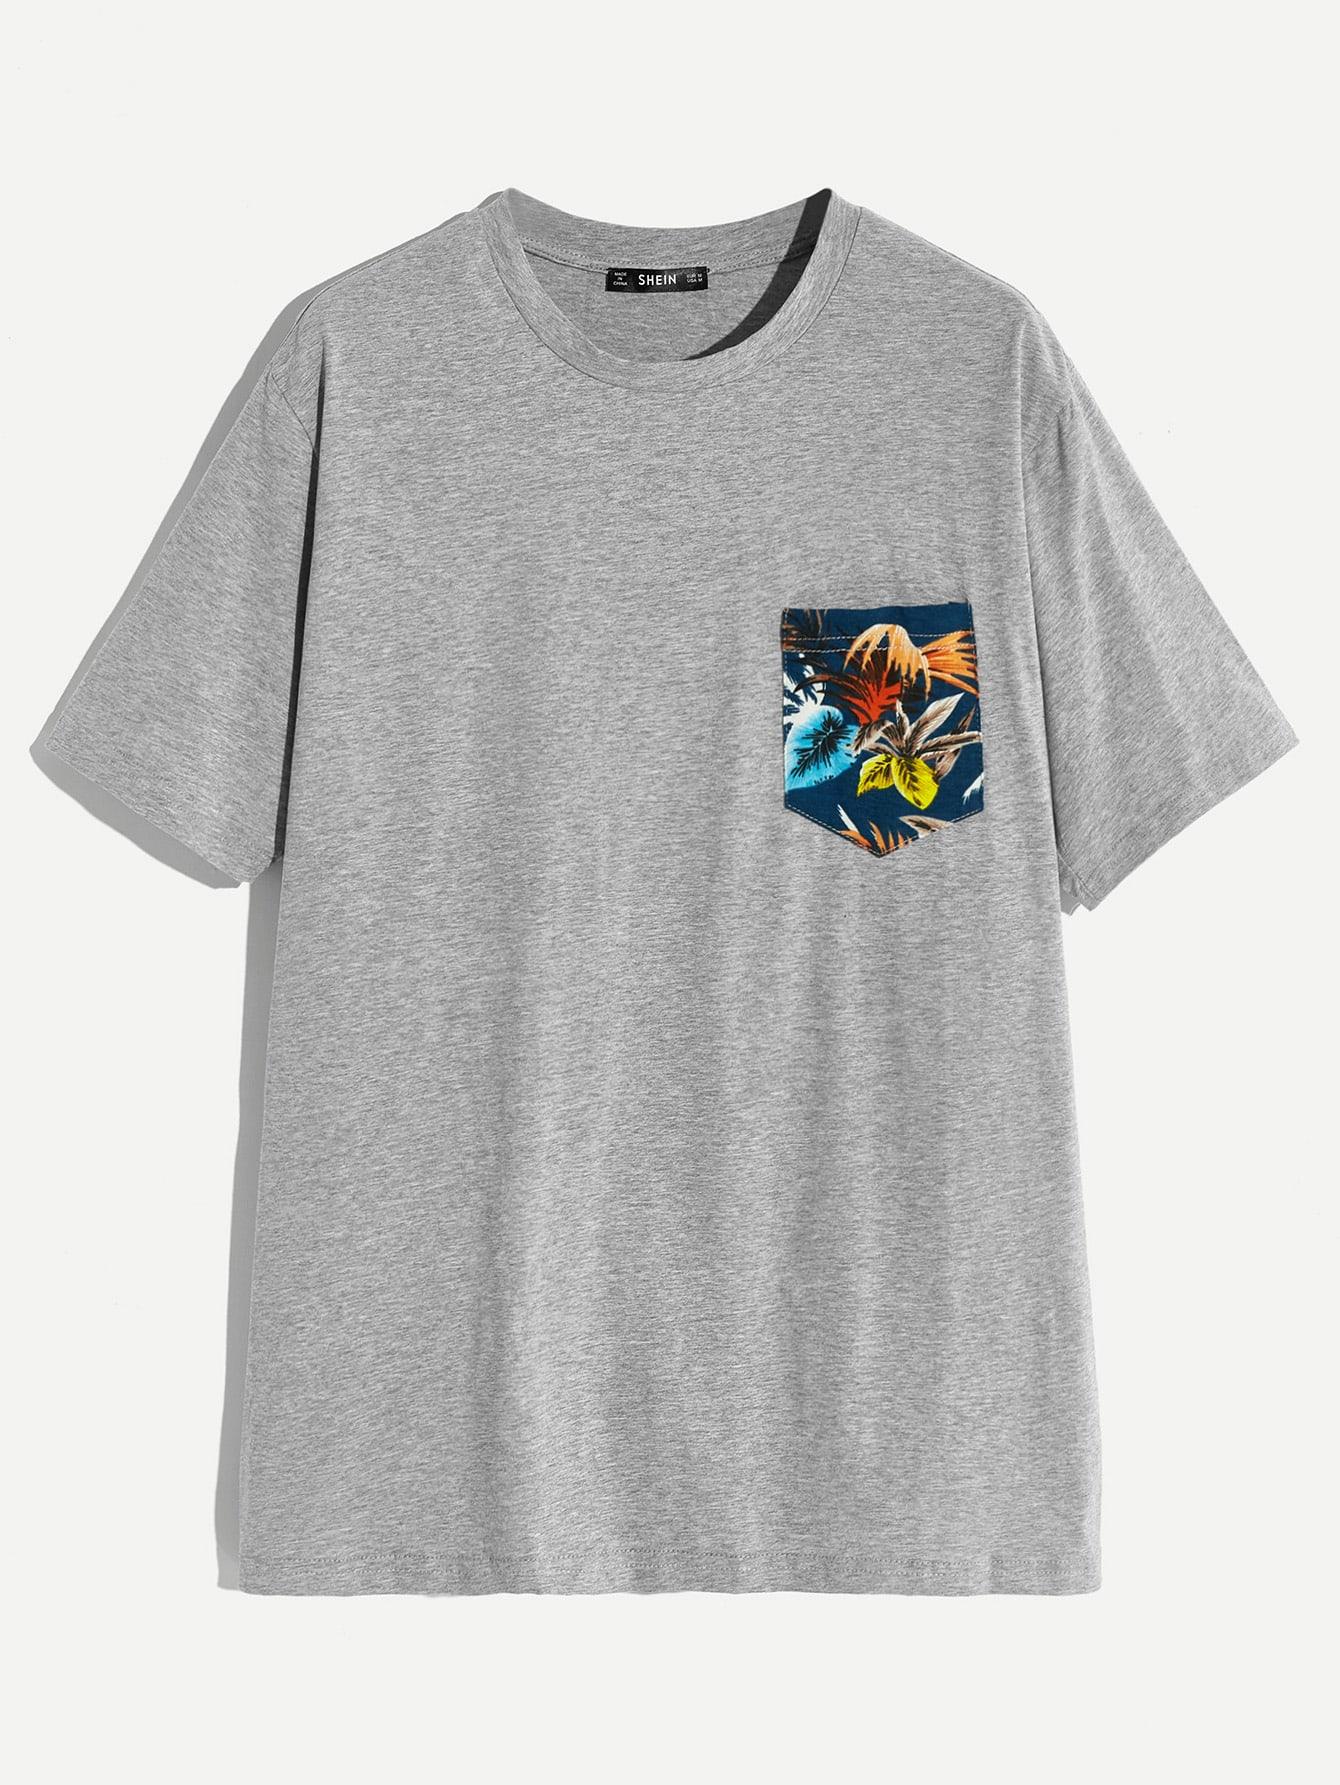 Купить Мужская футболка с тропическим принтом, null, SheIn